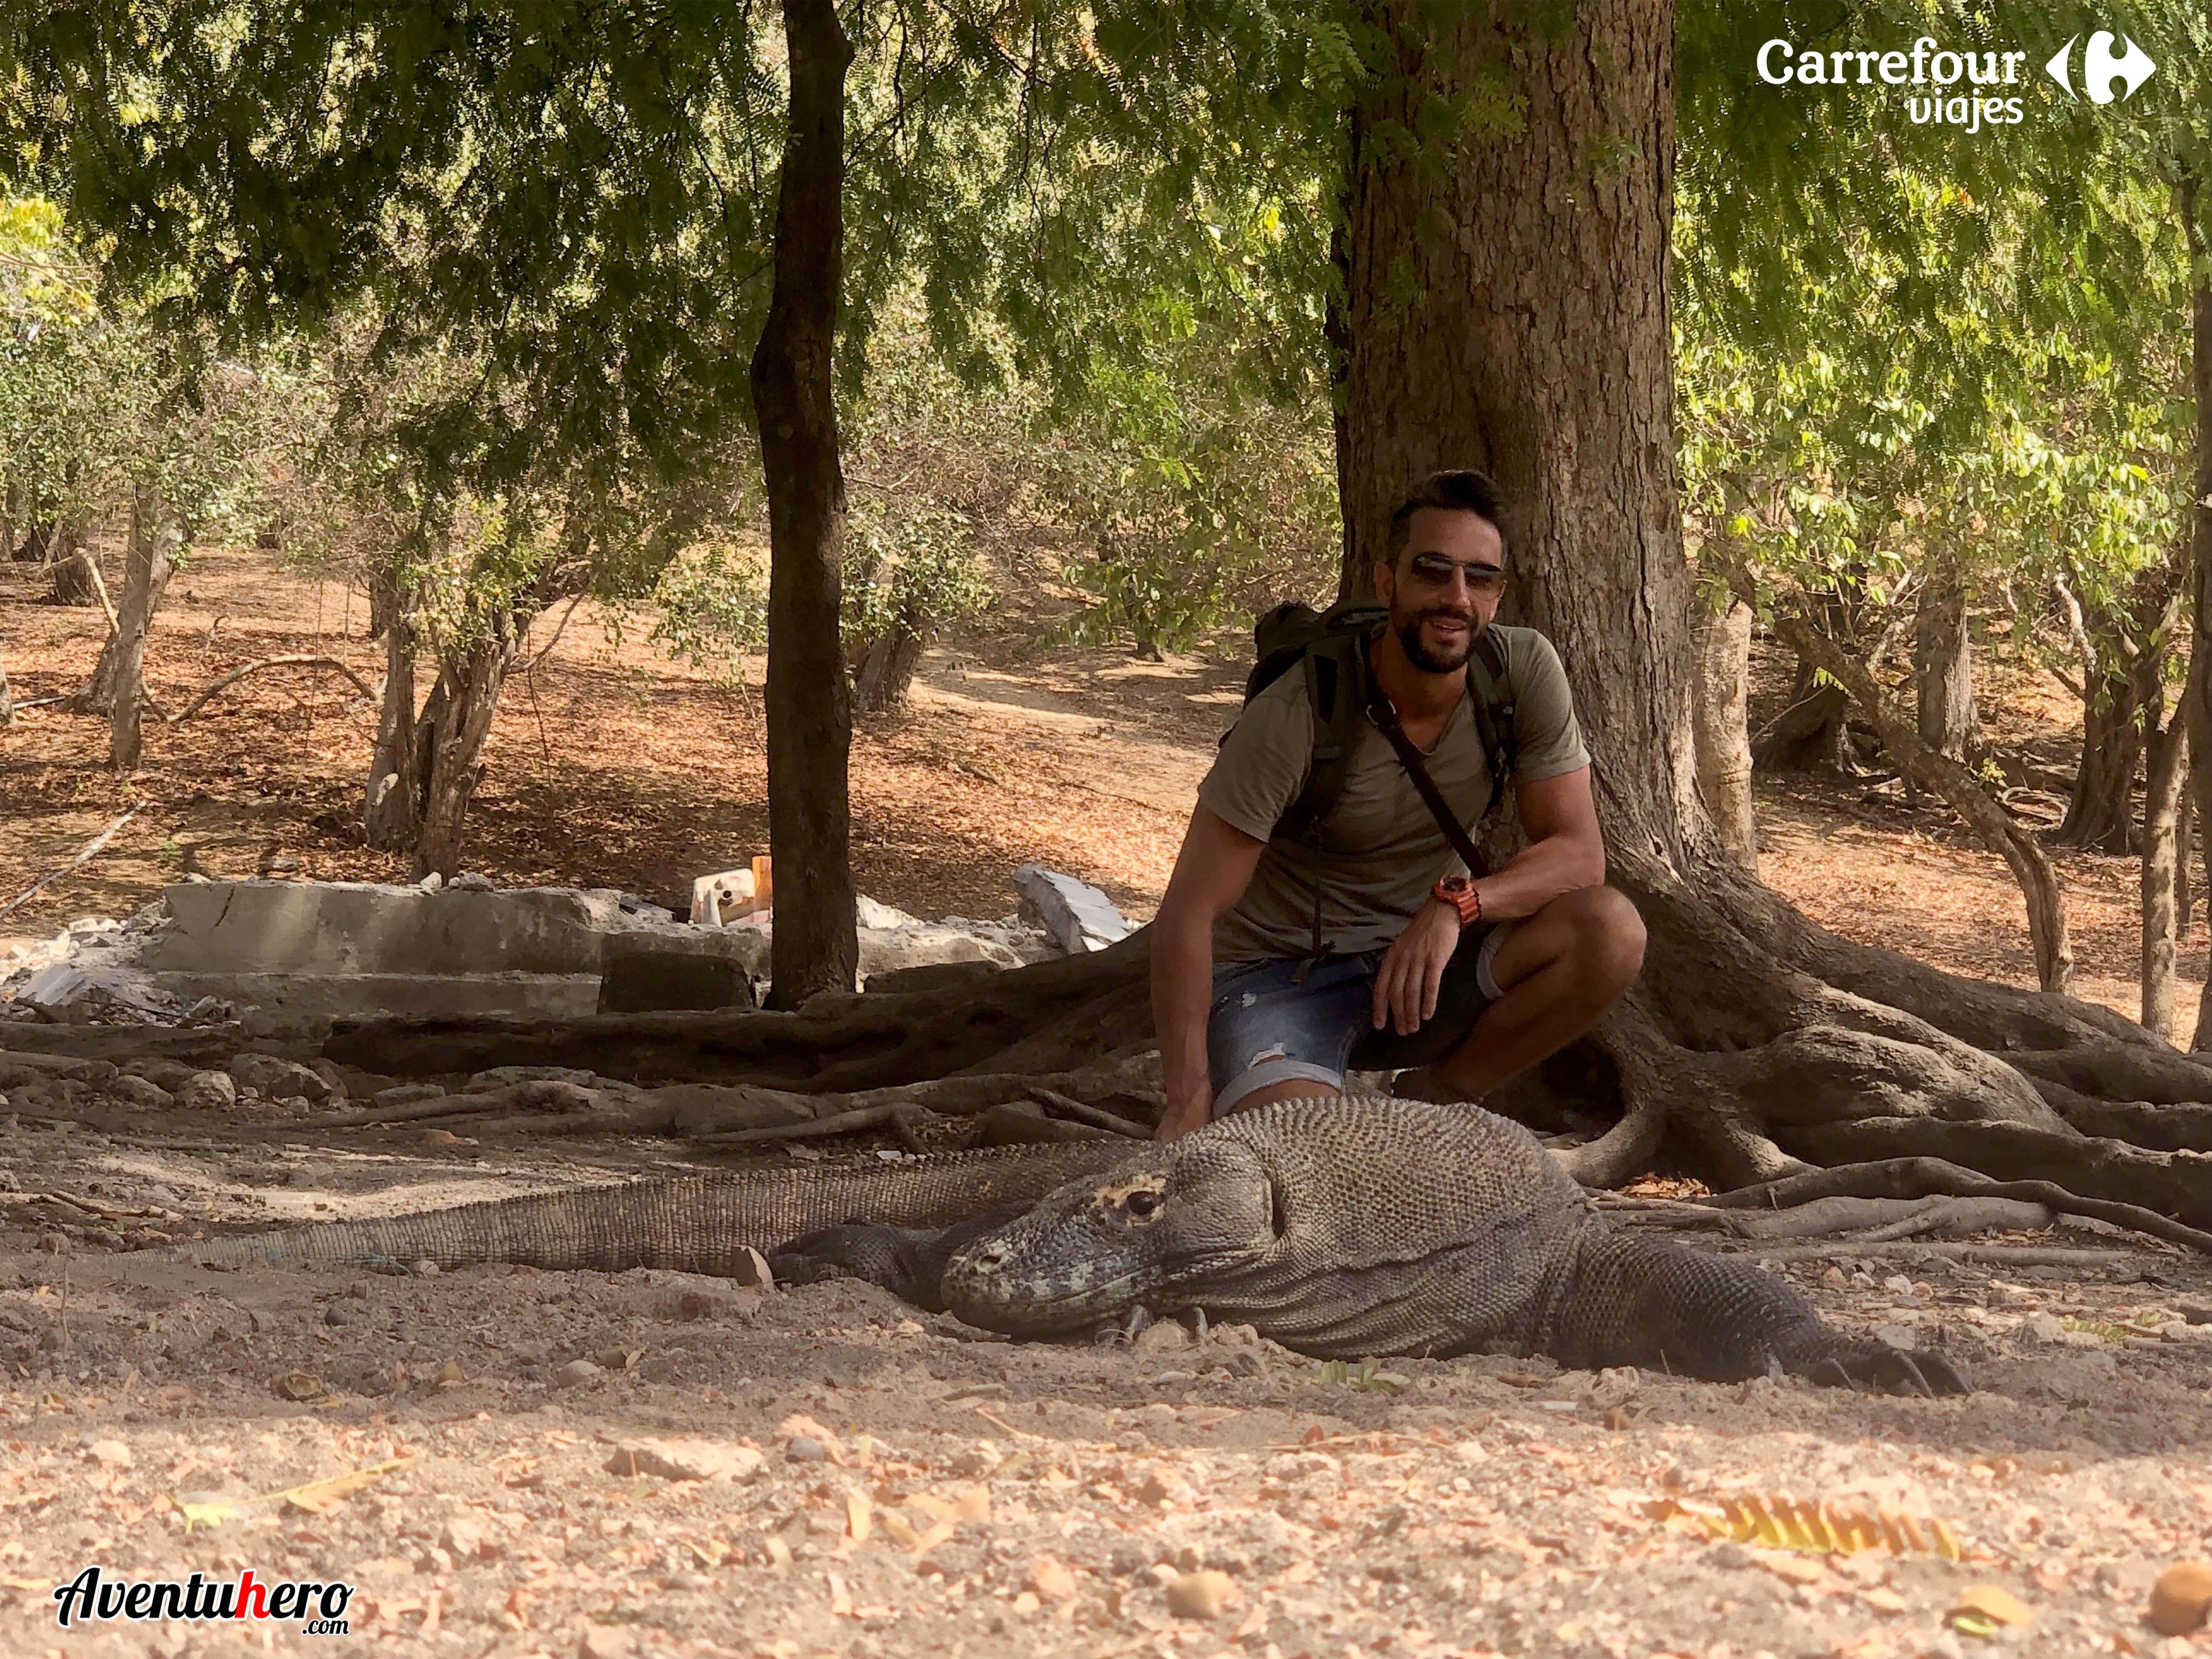 Aventuhero en El parque de Komodo 7